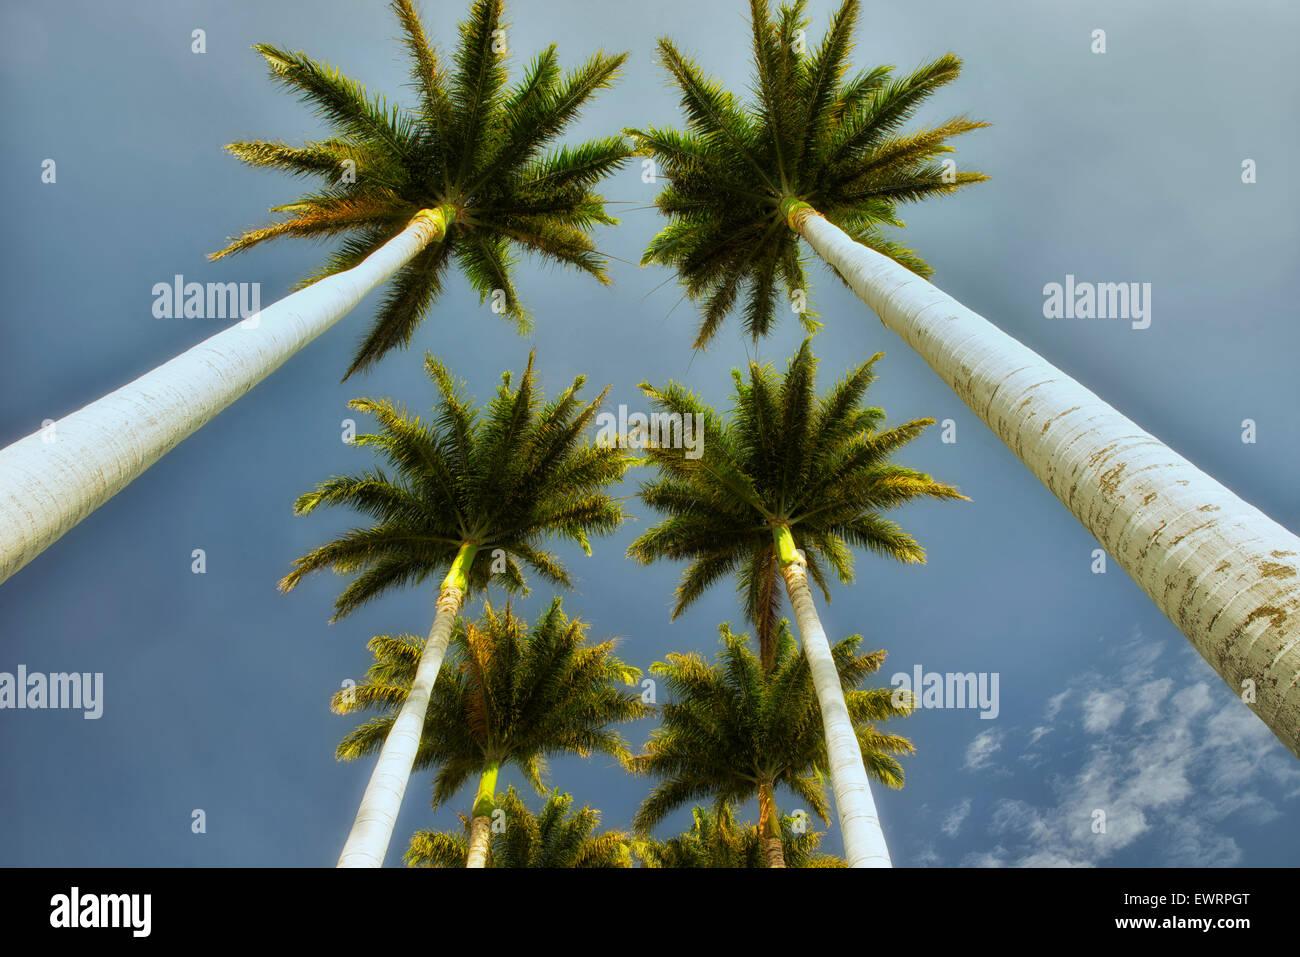 Grâce à la recherche de palmiers. New York, la Grande Île Photo Stock